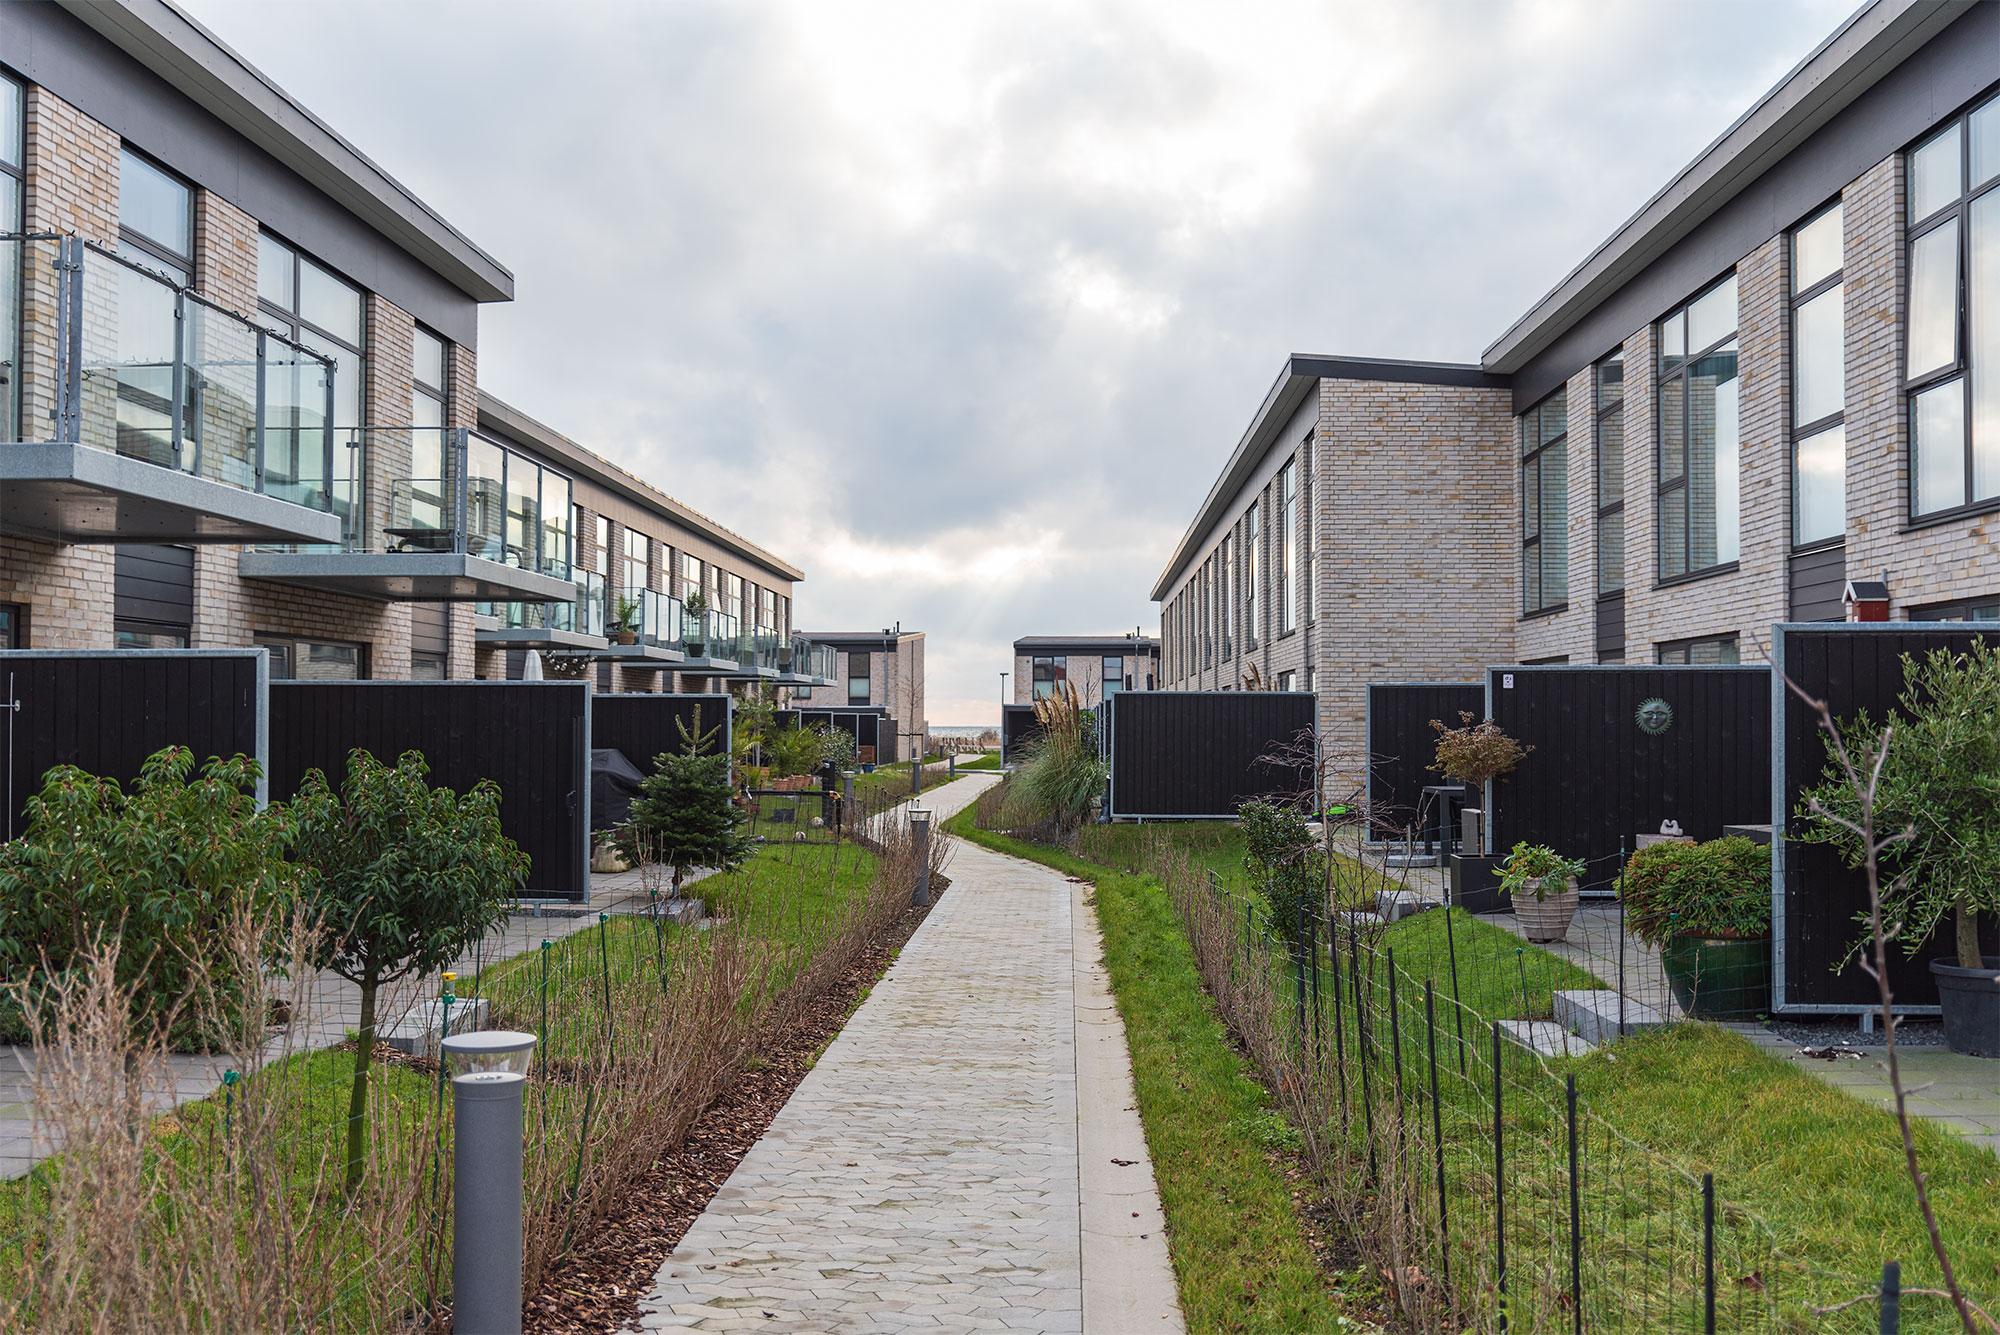 Hvor Skolen ved Vierdiget engang lå, er der nu boligkvarter med rækkehuse. Arkivfoto: Thomas Mose.